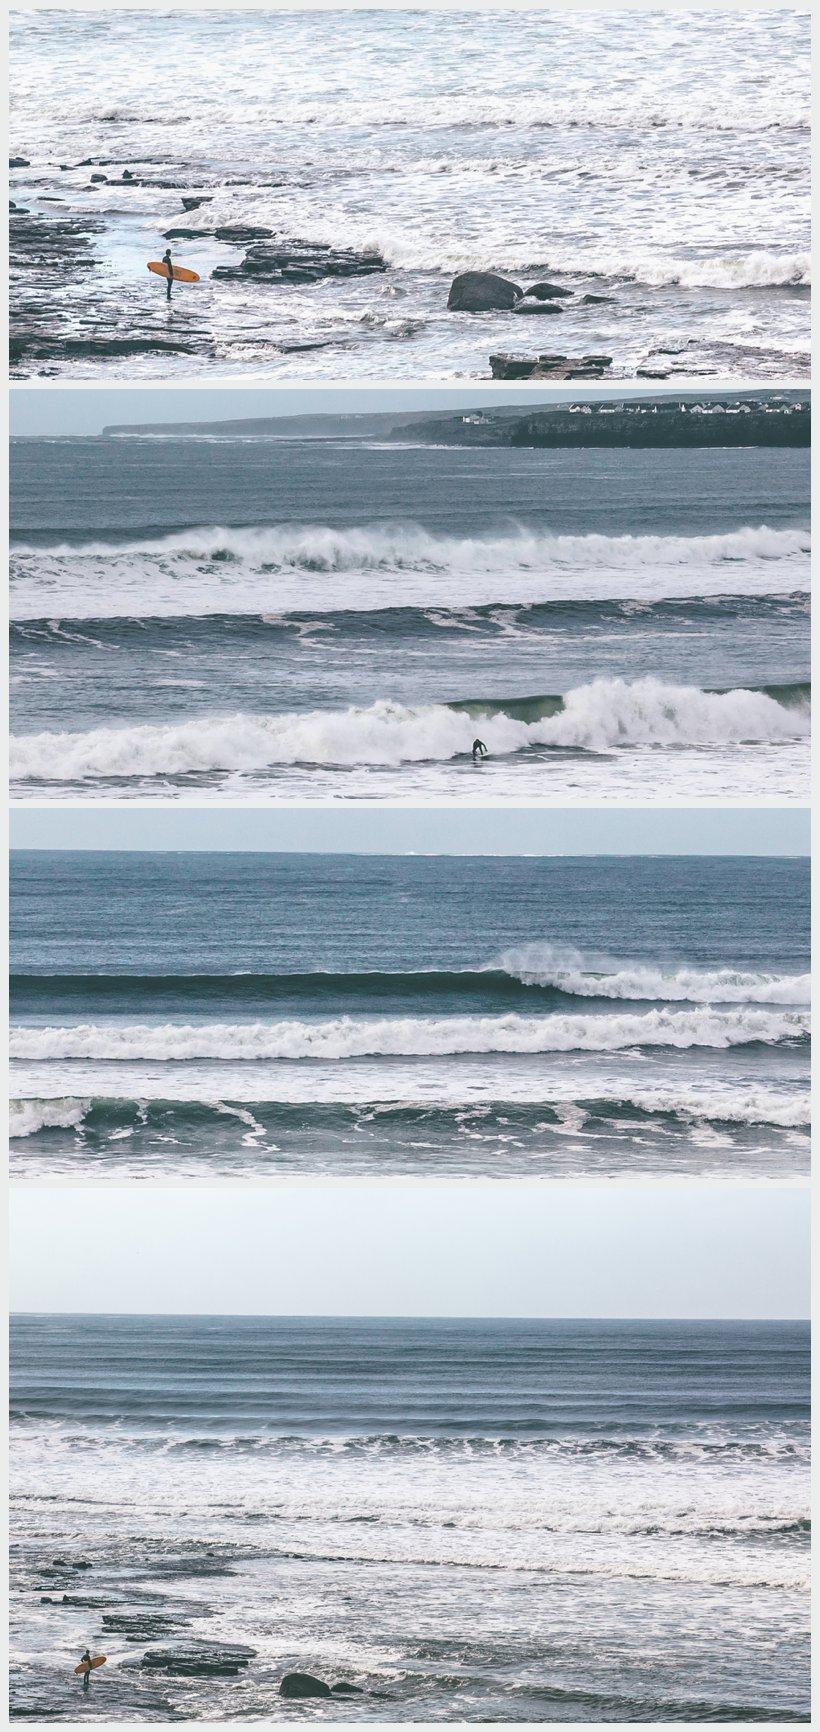 2014-11-11_0006.jpg